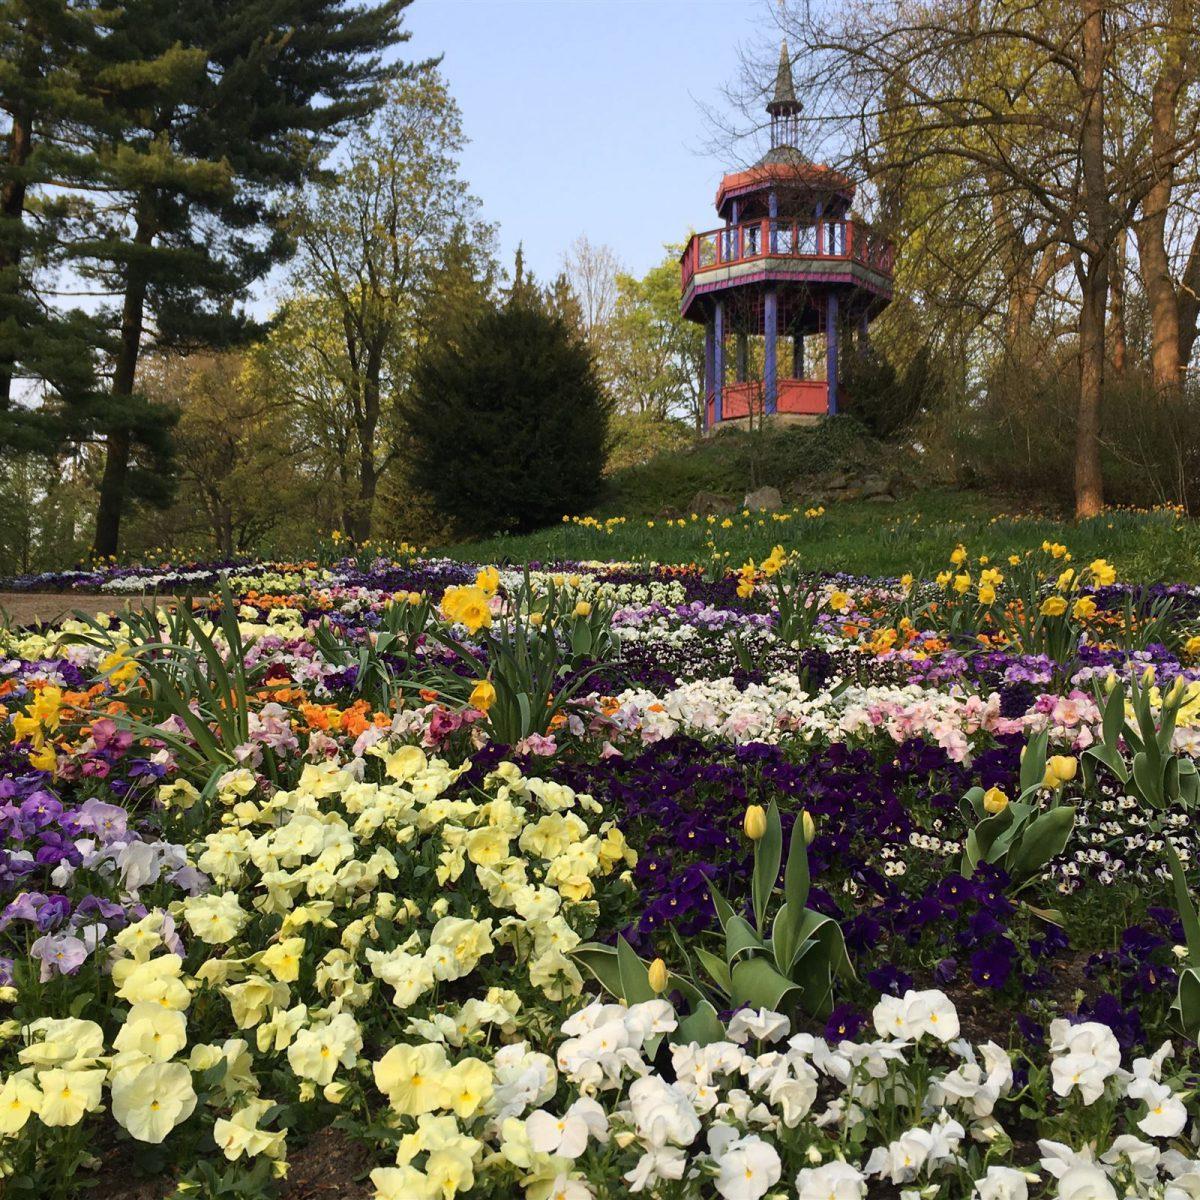 Ausflug zum Theresienstein in Hof - Die Thomashöhe mit Pavillon